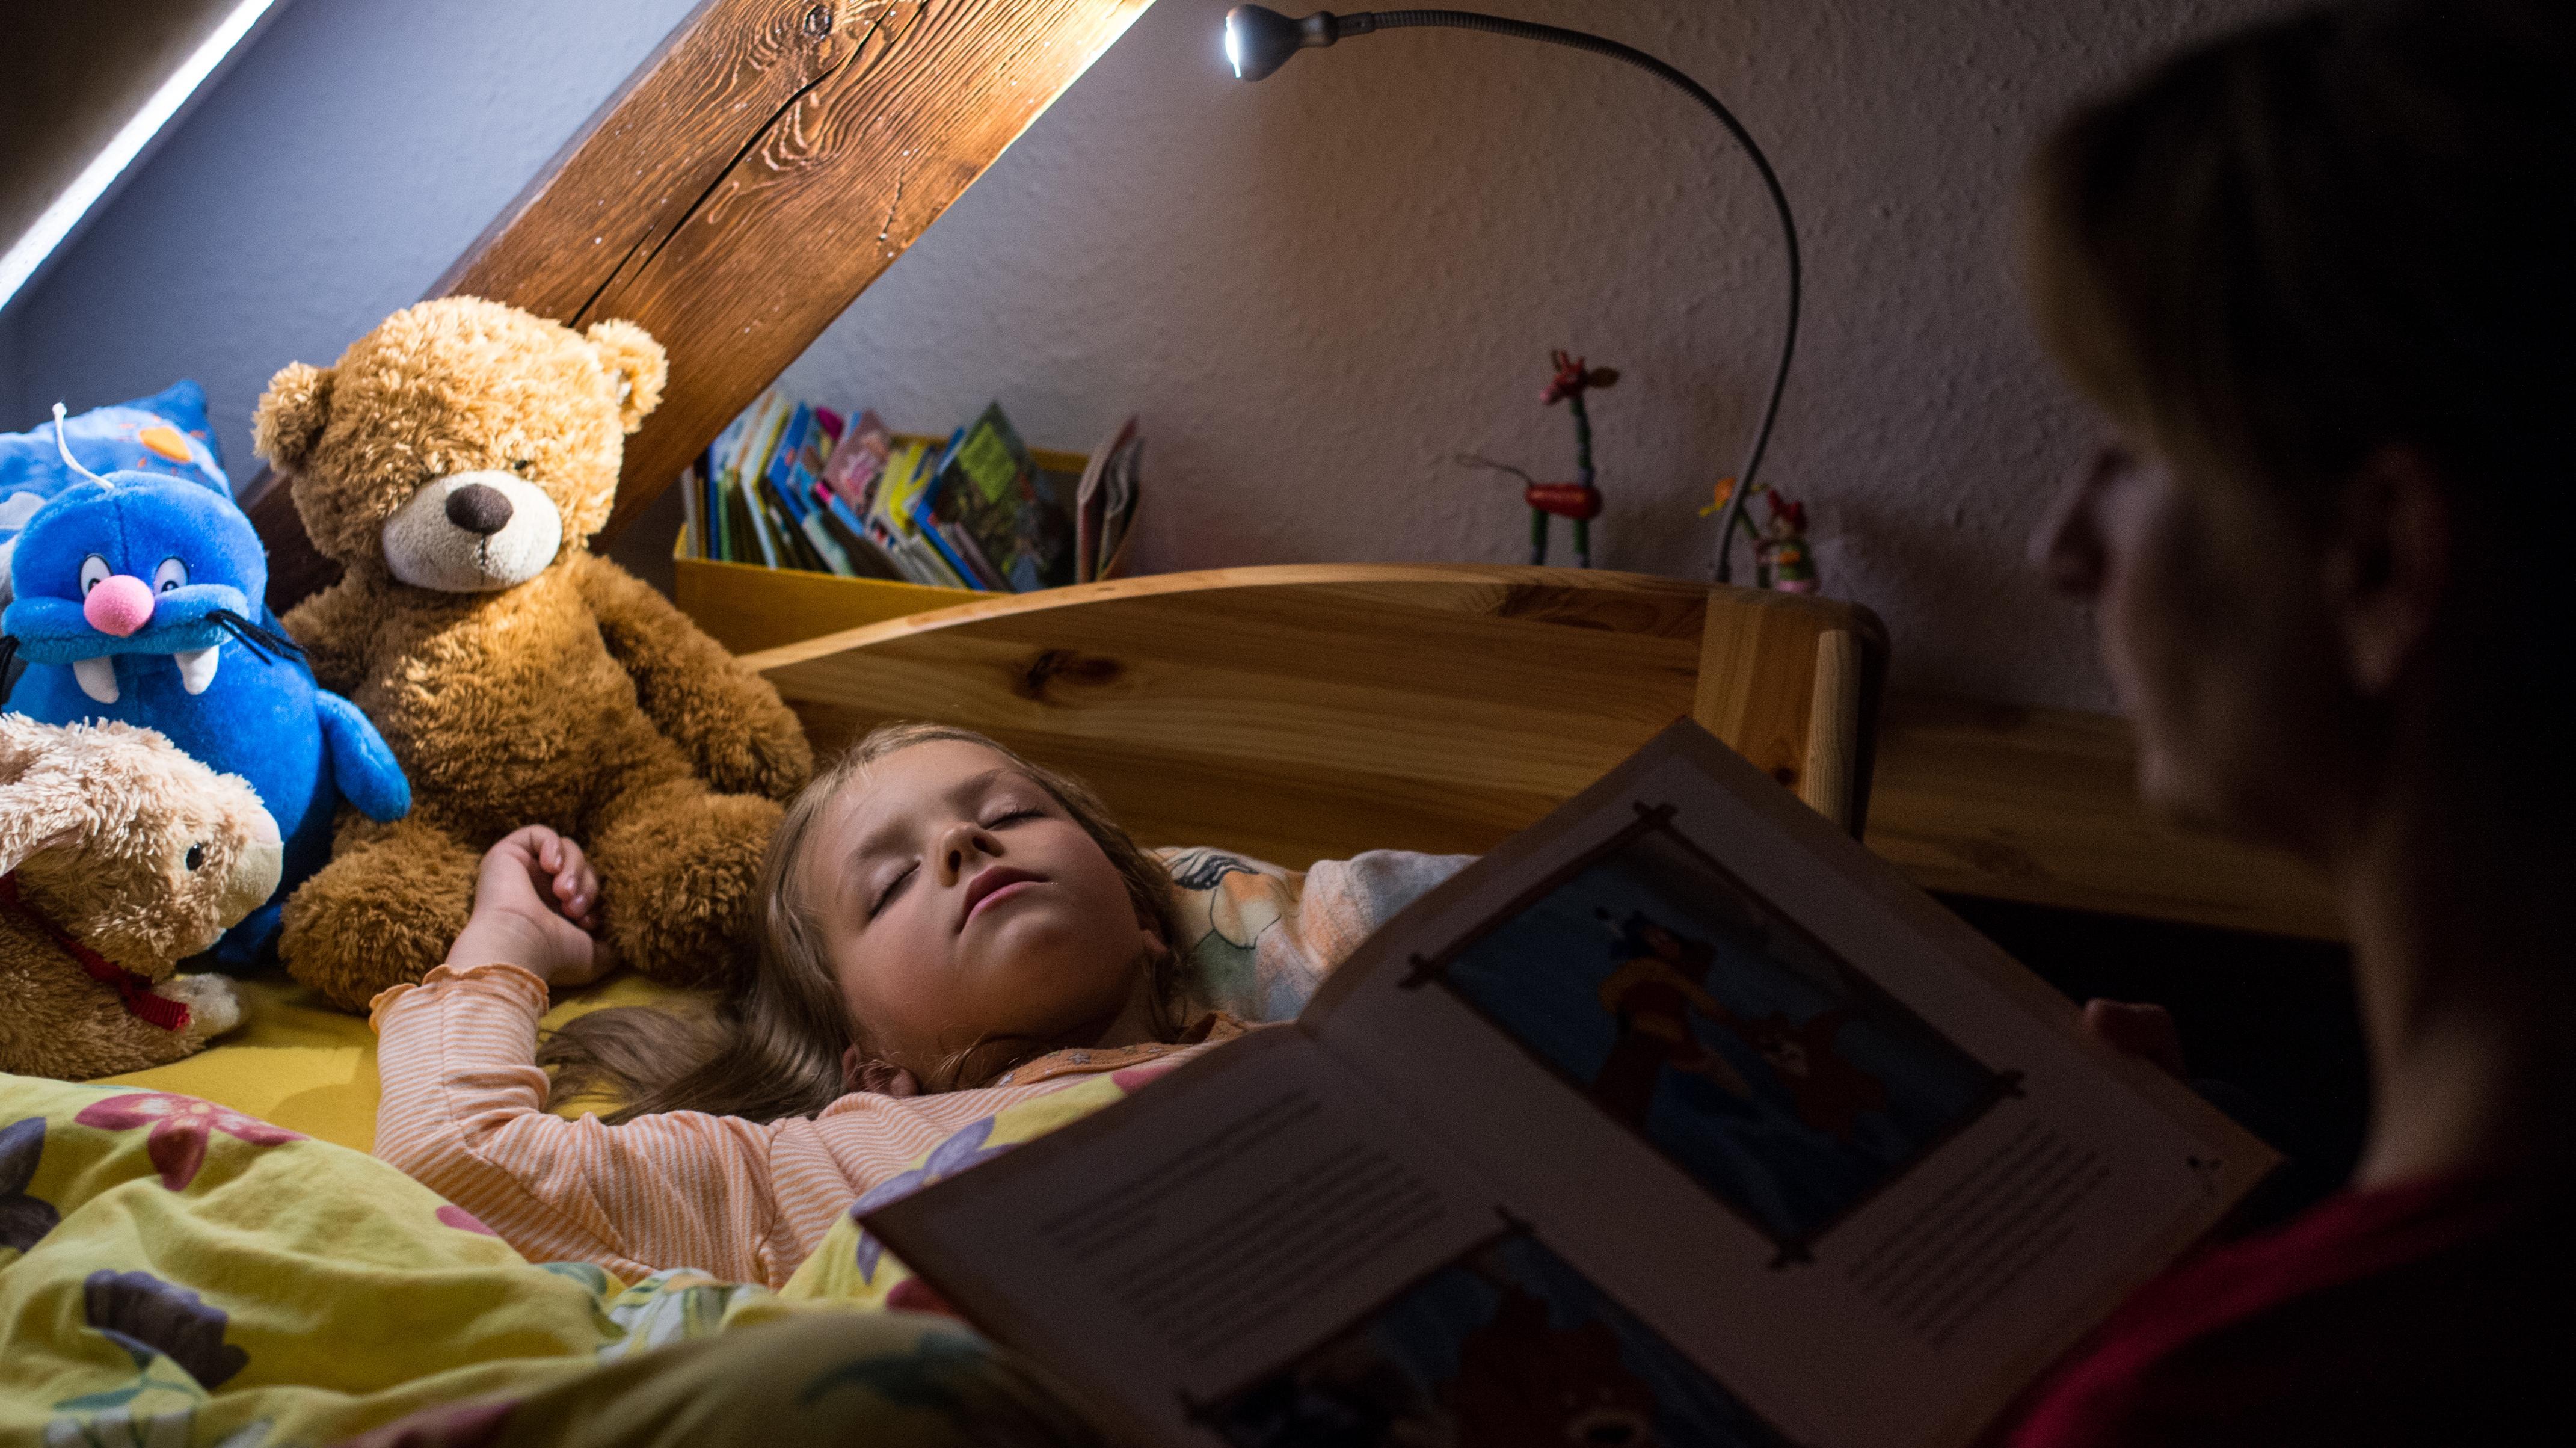 Ein fünfjähriges Mädchen ist beim Vorlesen einer Gute-Nacht-Geschichte eingeschlafen.